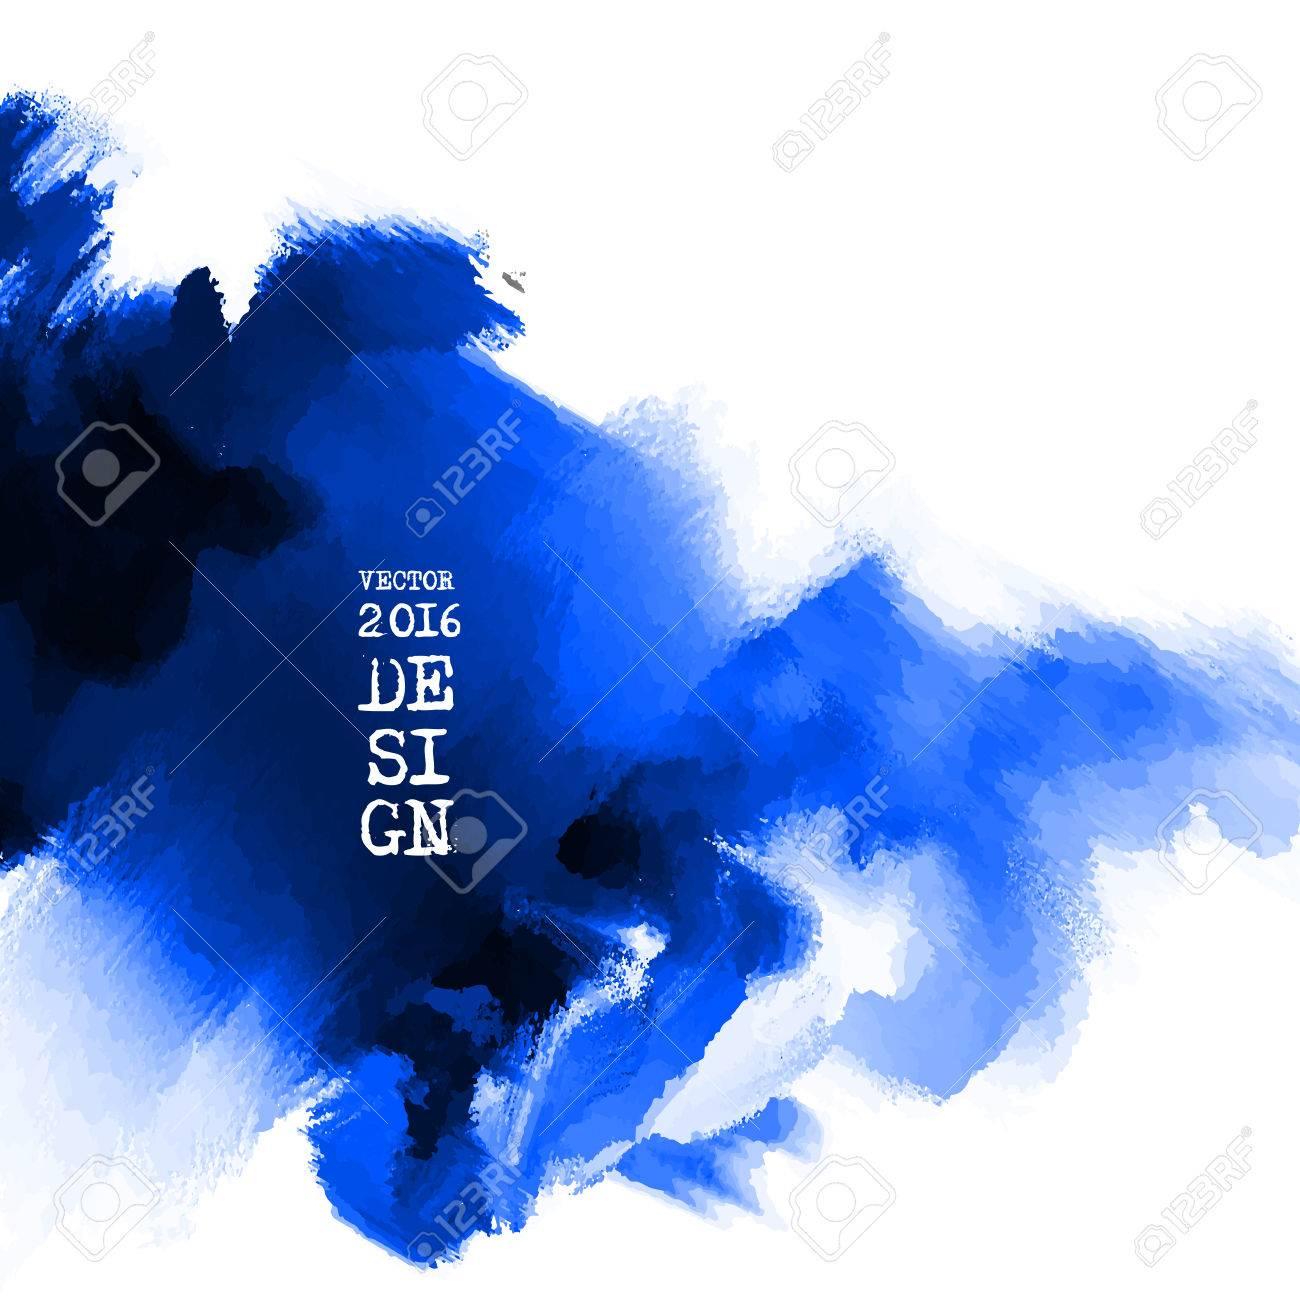 8e483a635fe Banque d images - Résumé de fond élégant peinture d encre bleue. tache bleu  isolé sur carré blanc. bannière aquarelle grunge. La peinture. Fond d écran  avec ...